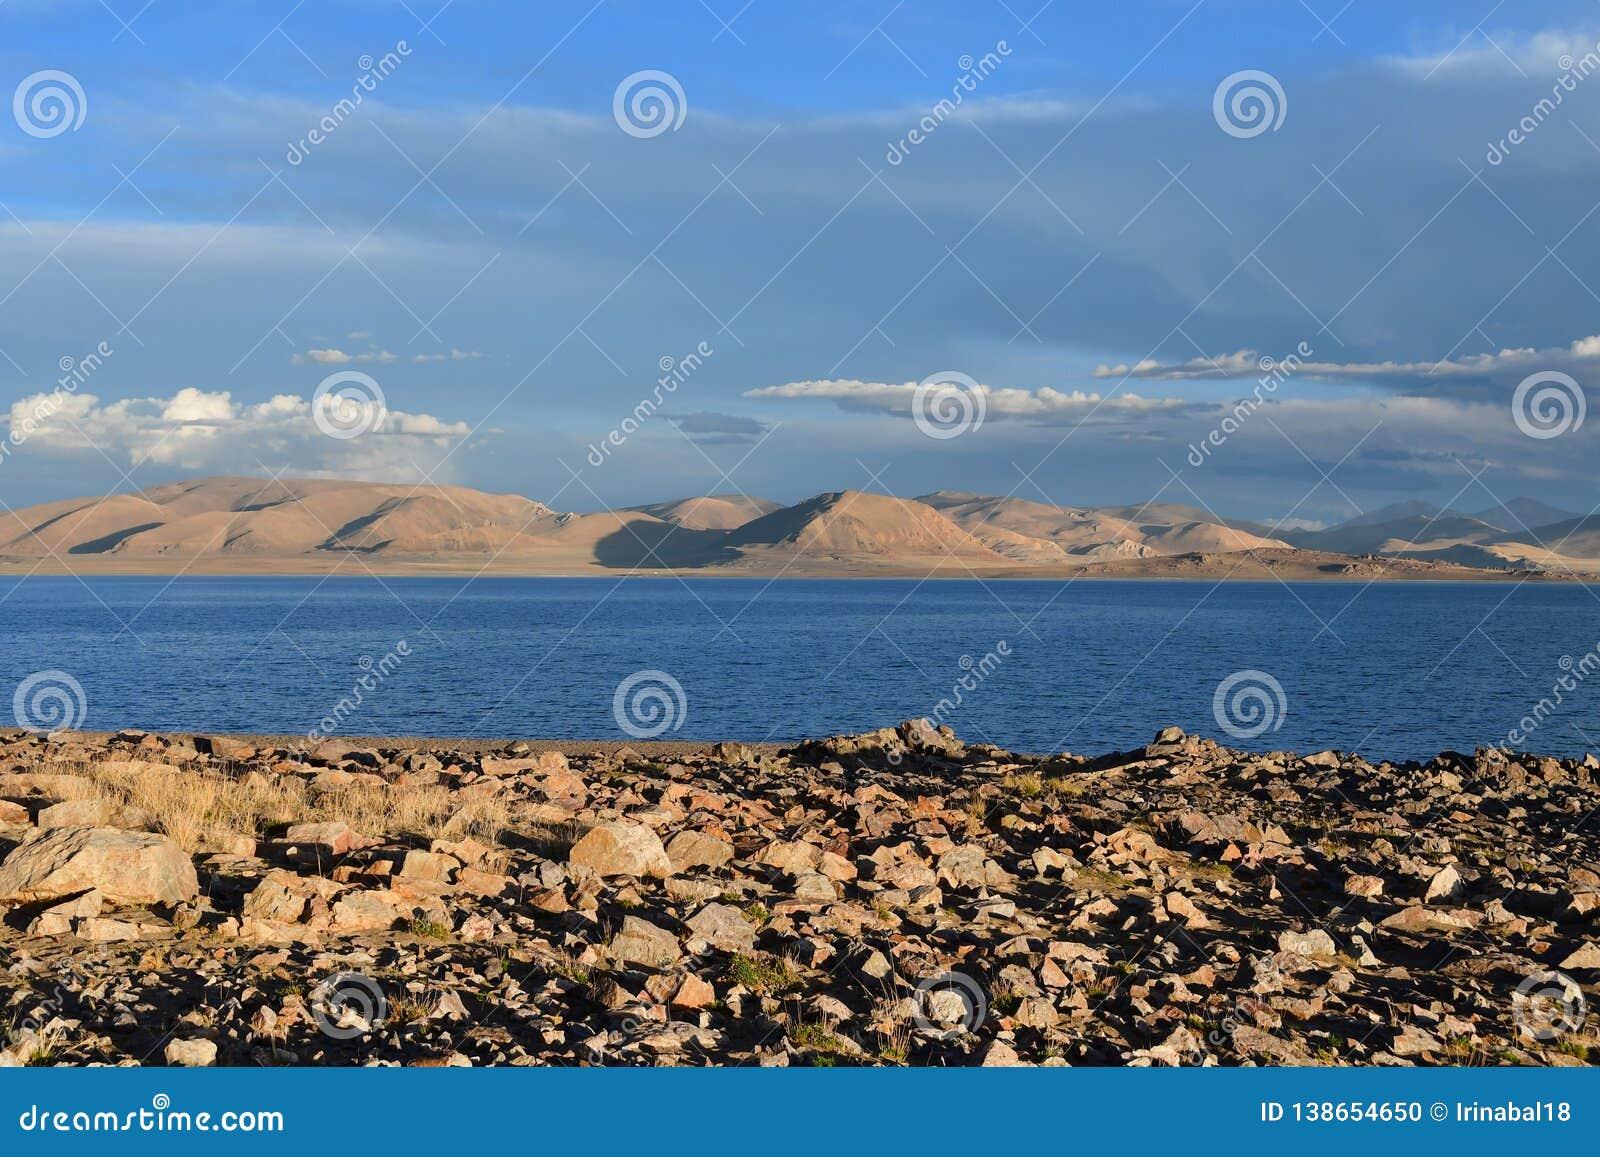 China Grote meren van Tibet Meer Teri Tashi Namtso in de het plaatsen zon in de zomer